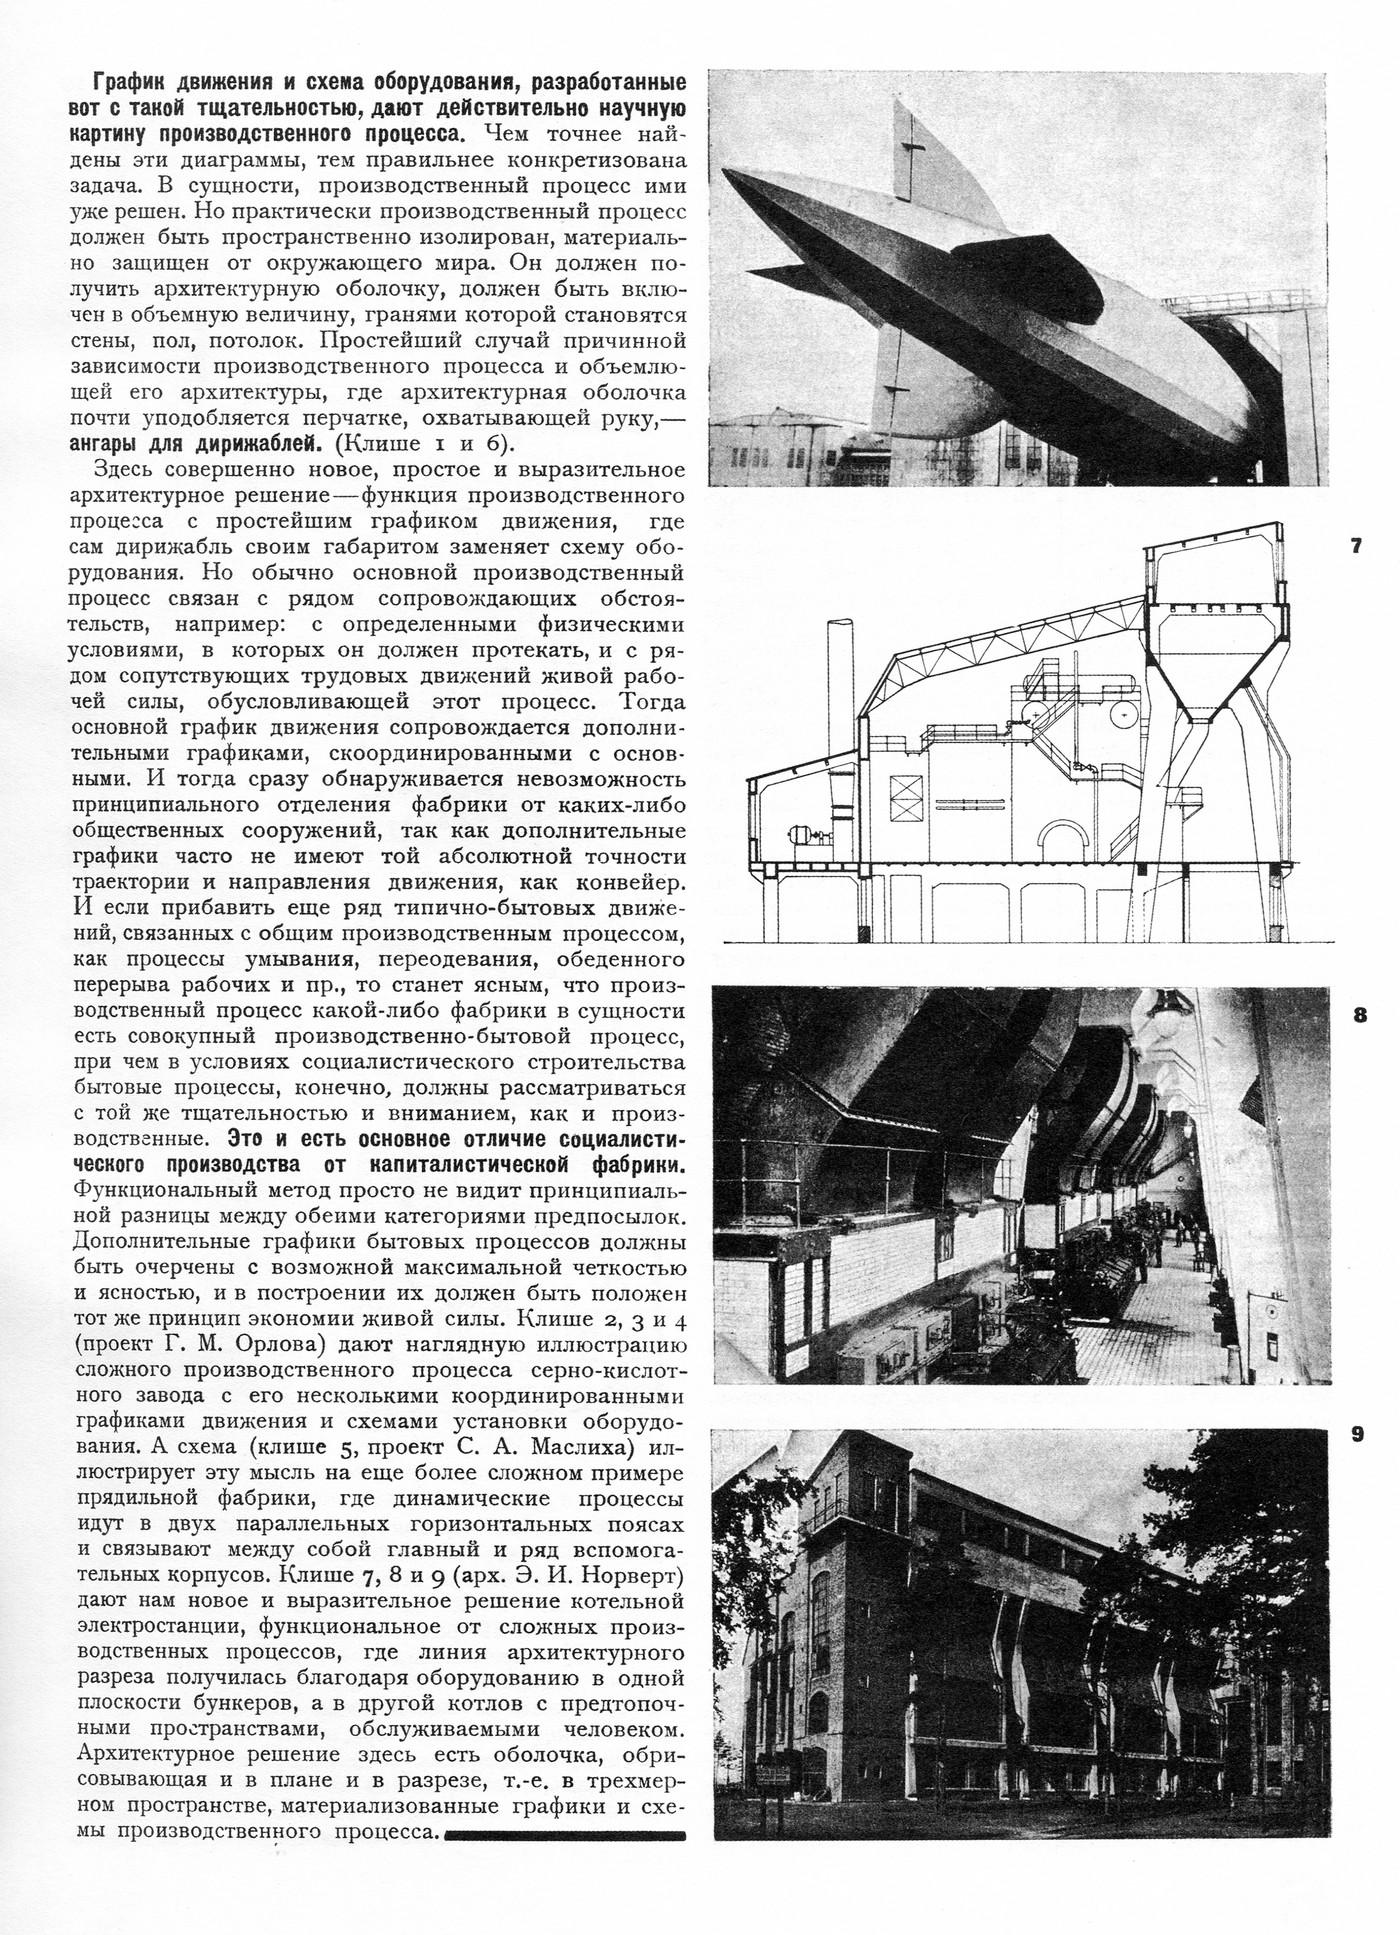 tehne.com-1927-1-009